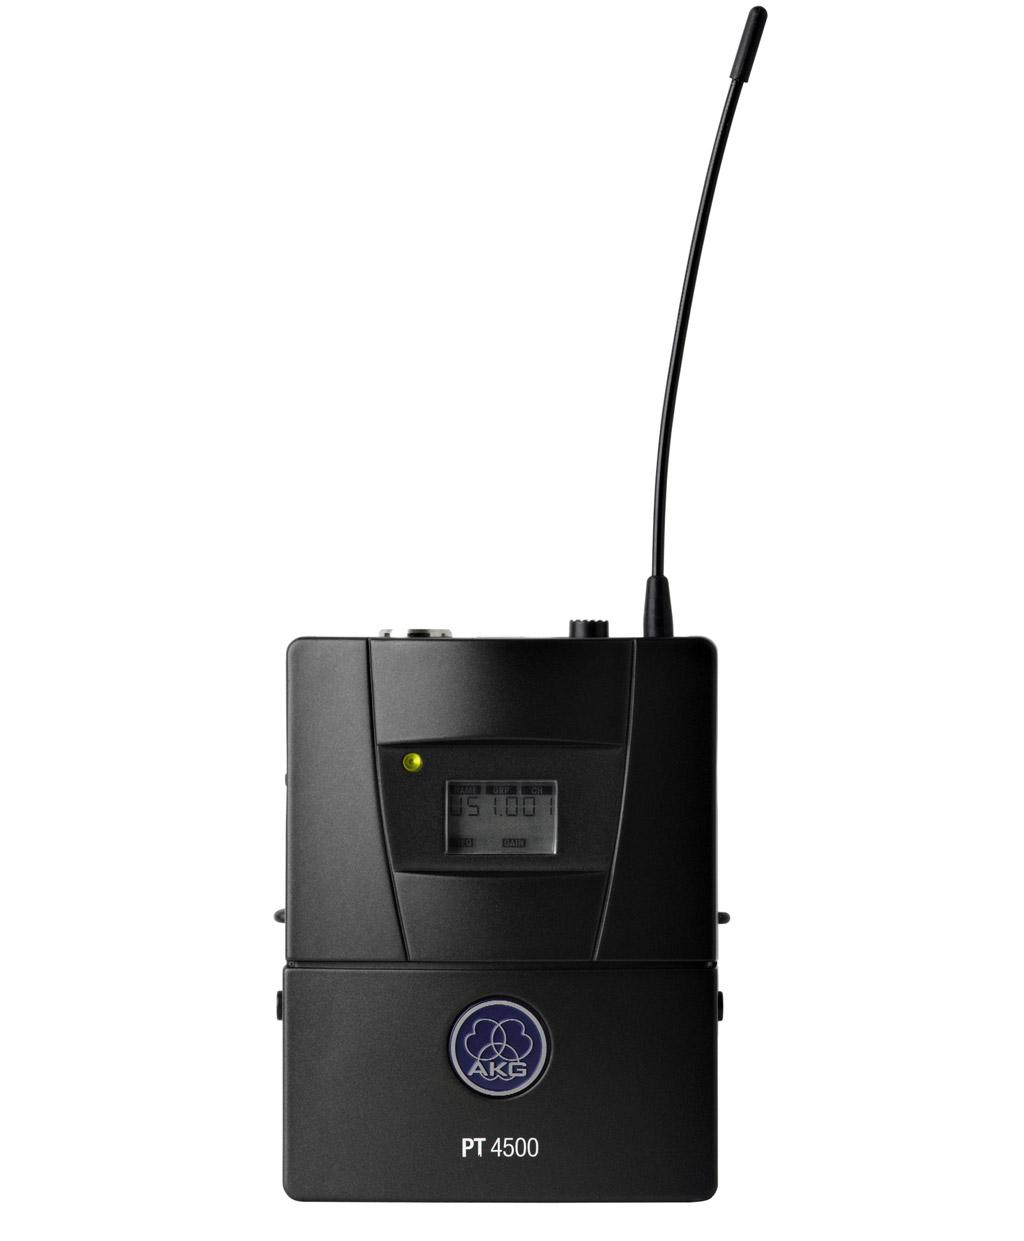 Powieksz do pelnego rozmiaru AKG PT 4500, AKG PT-4500, AKG PT4500, mikrofon bezprzewodowy, zestaw bezprzewodowy, system mikrofonowy bezprzewodowy, mikrofon kieszonkowy, nadajnik mikrofonowy kieszkonkowy, nadajnik kieszonkowy, nadajnik miniaturowy, nadajnik typu microport, nadajnik microport, micro-port